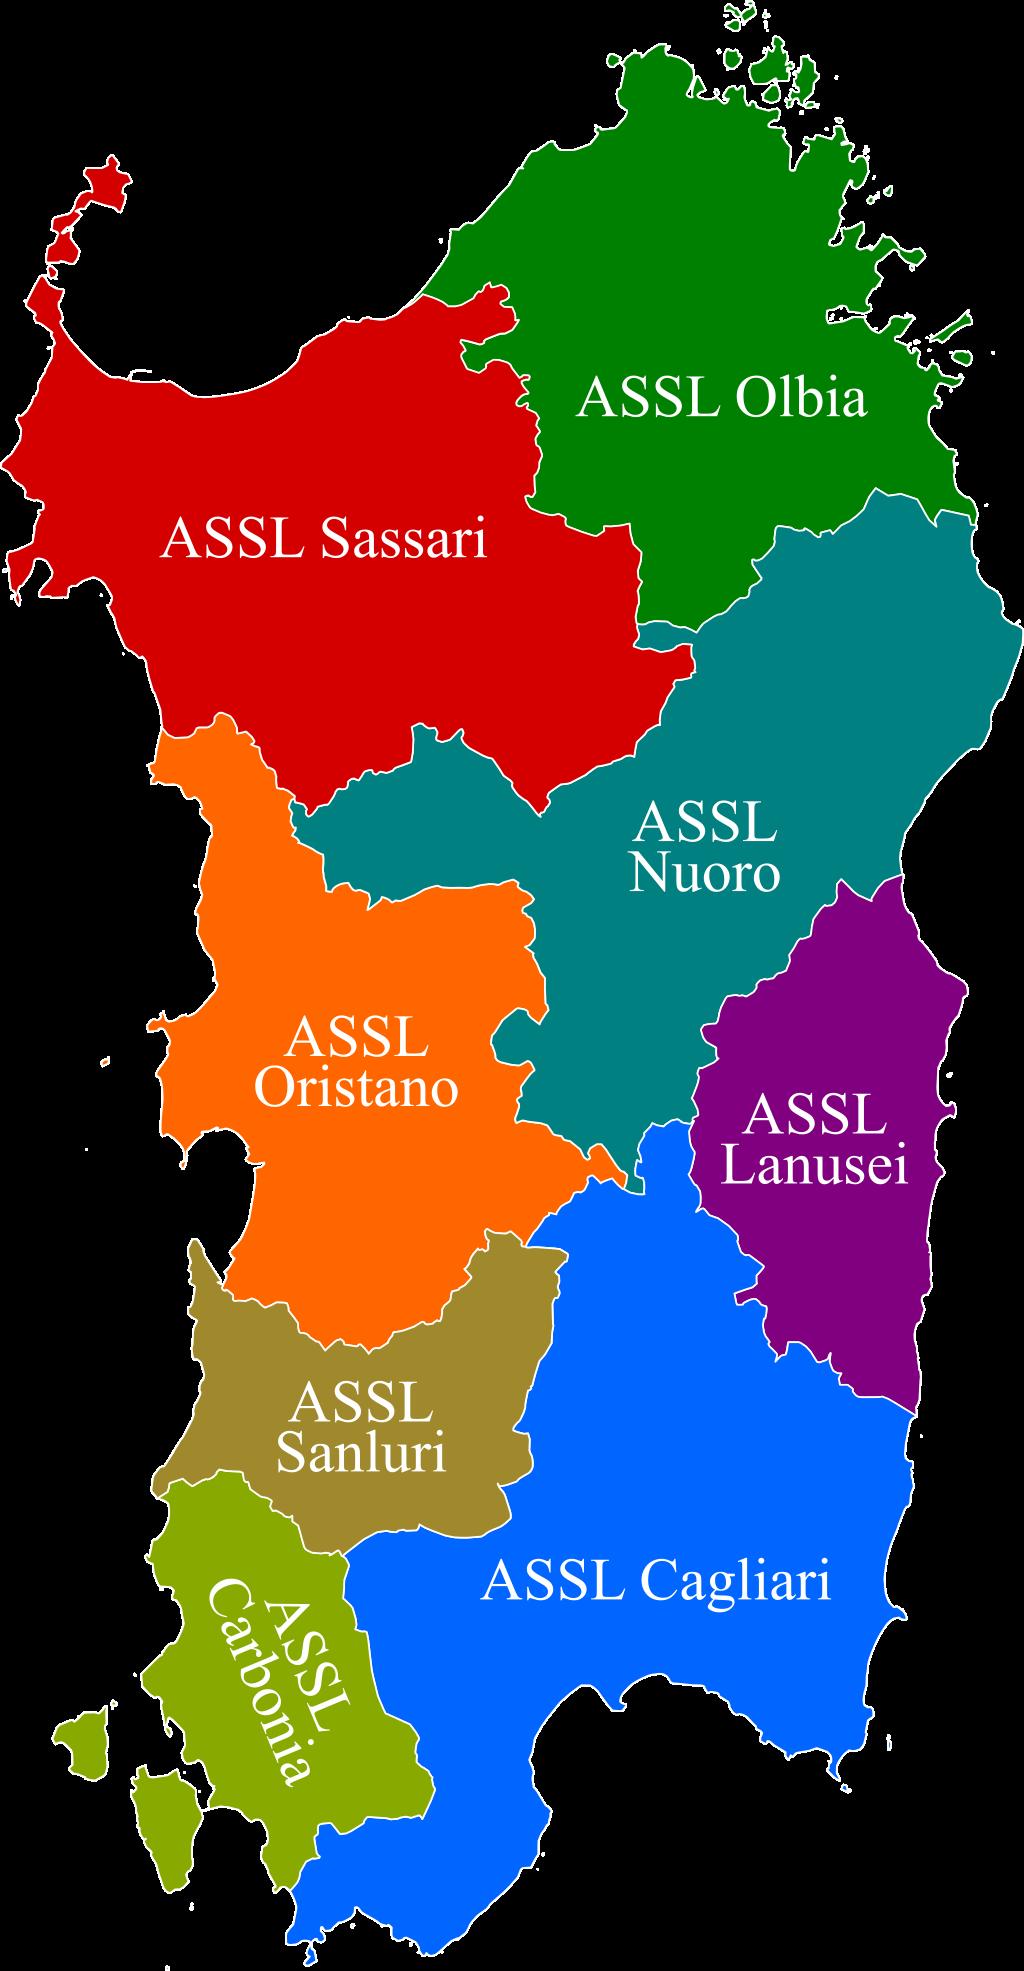 Cartina Sardegna 2017.File Organizzazione Territoriale Del Ssr Della Sardegna 2017 Png Wikipedia